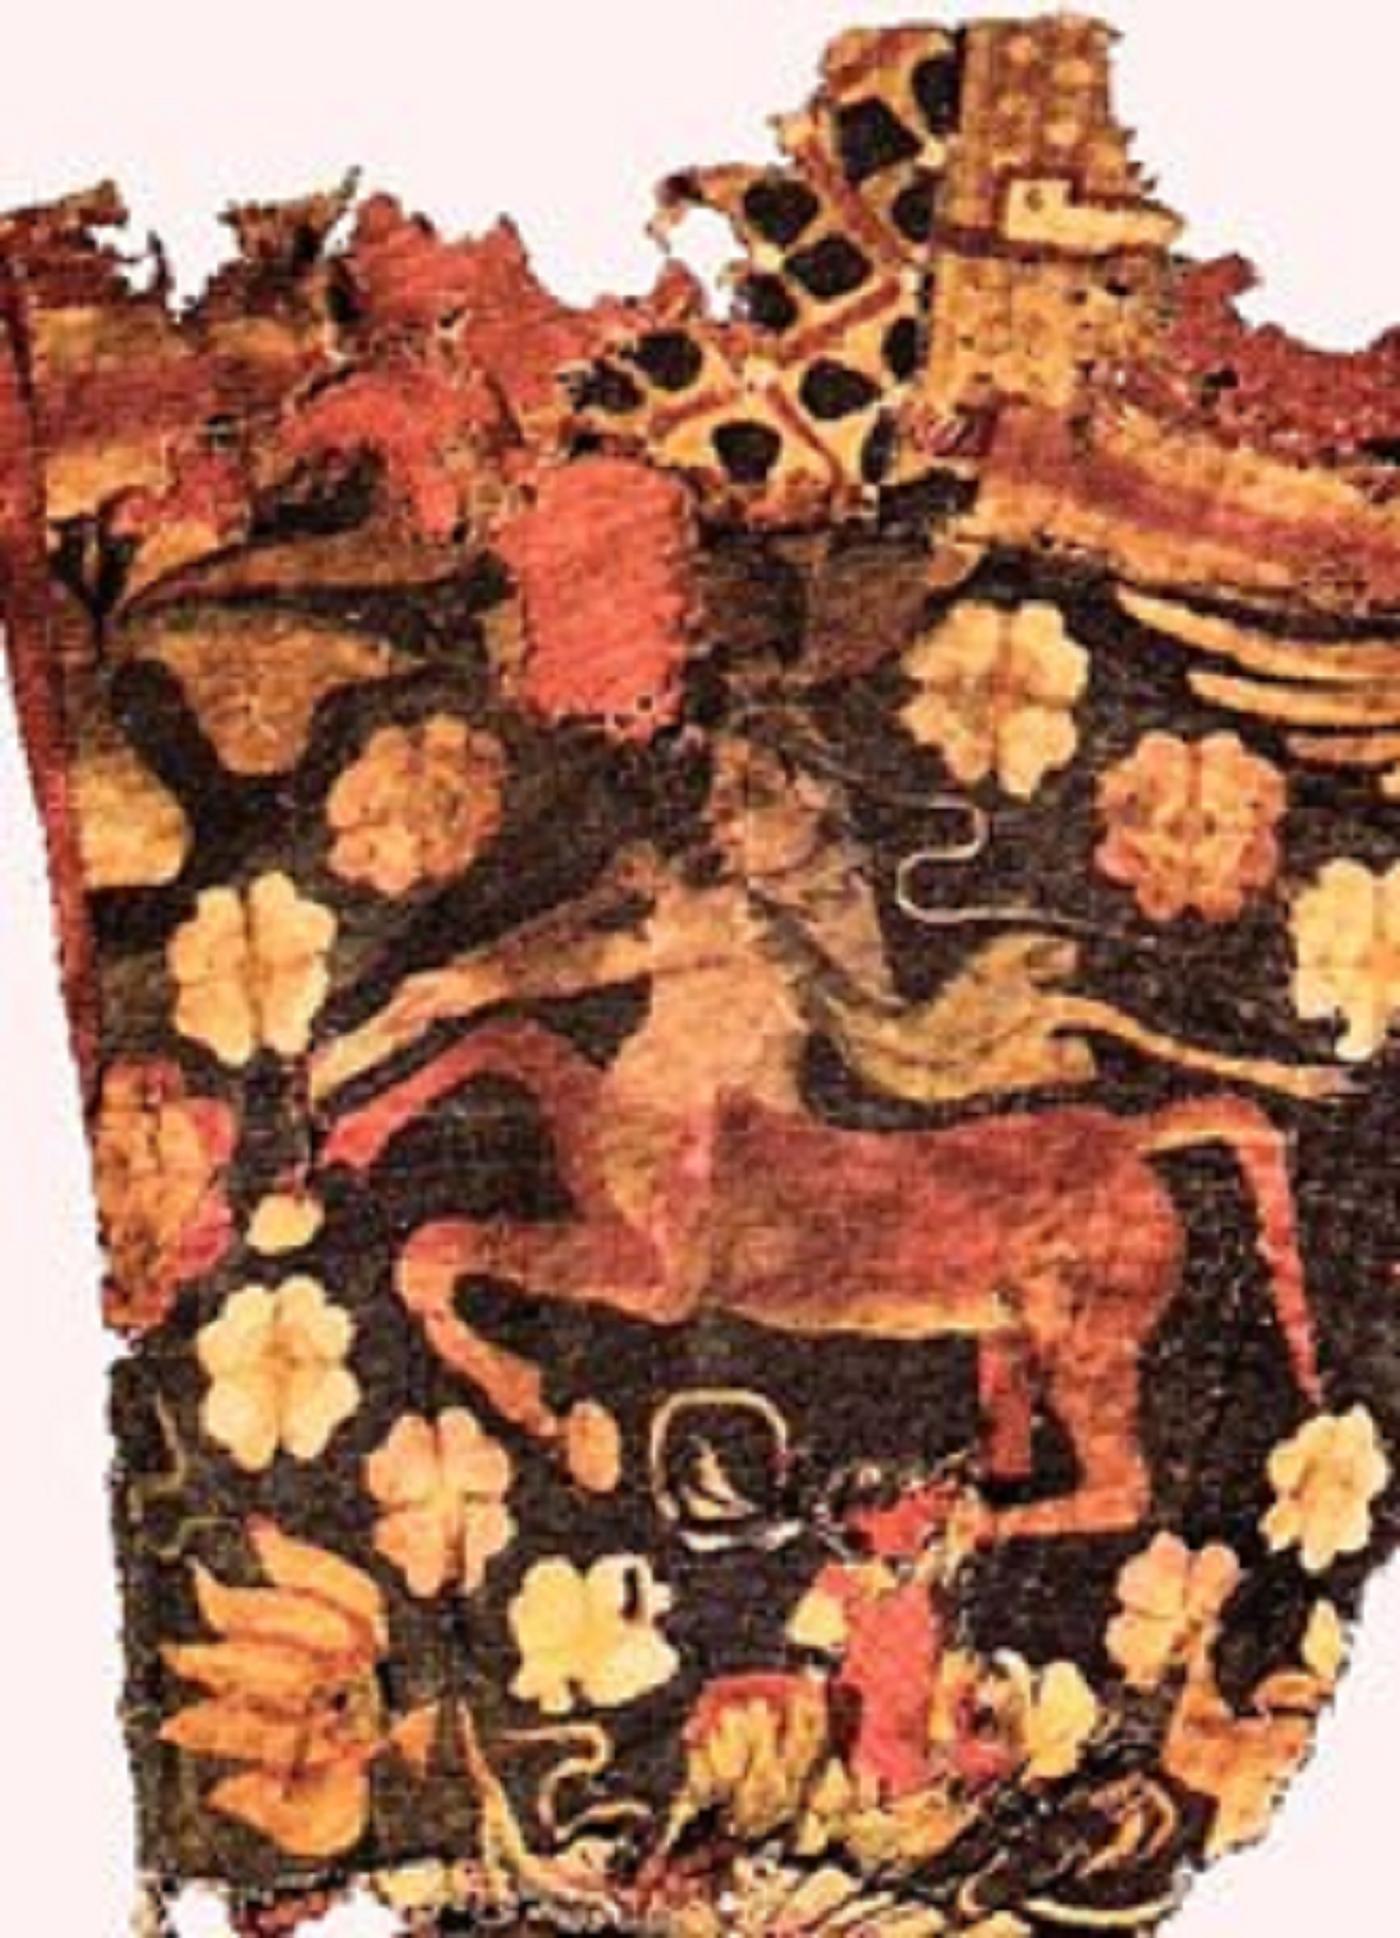 Οἱ μούμιες τῆς Κίνας μὲ τὰ εὐρωπαϊκὰ χαρακτηριστικά.2